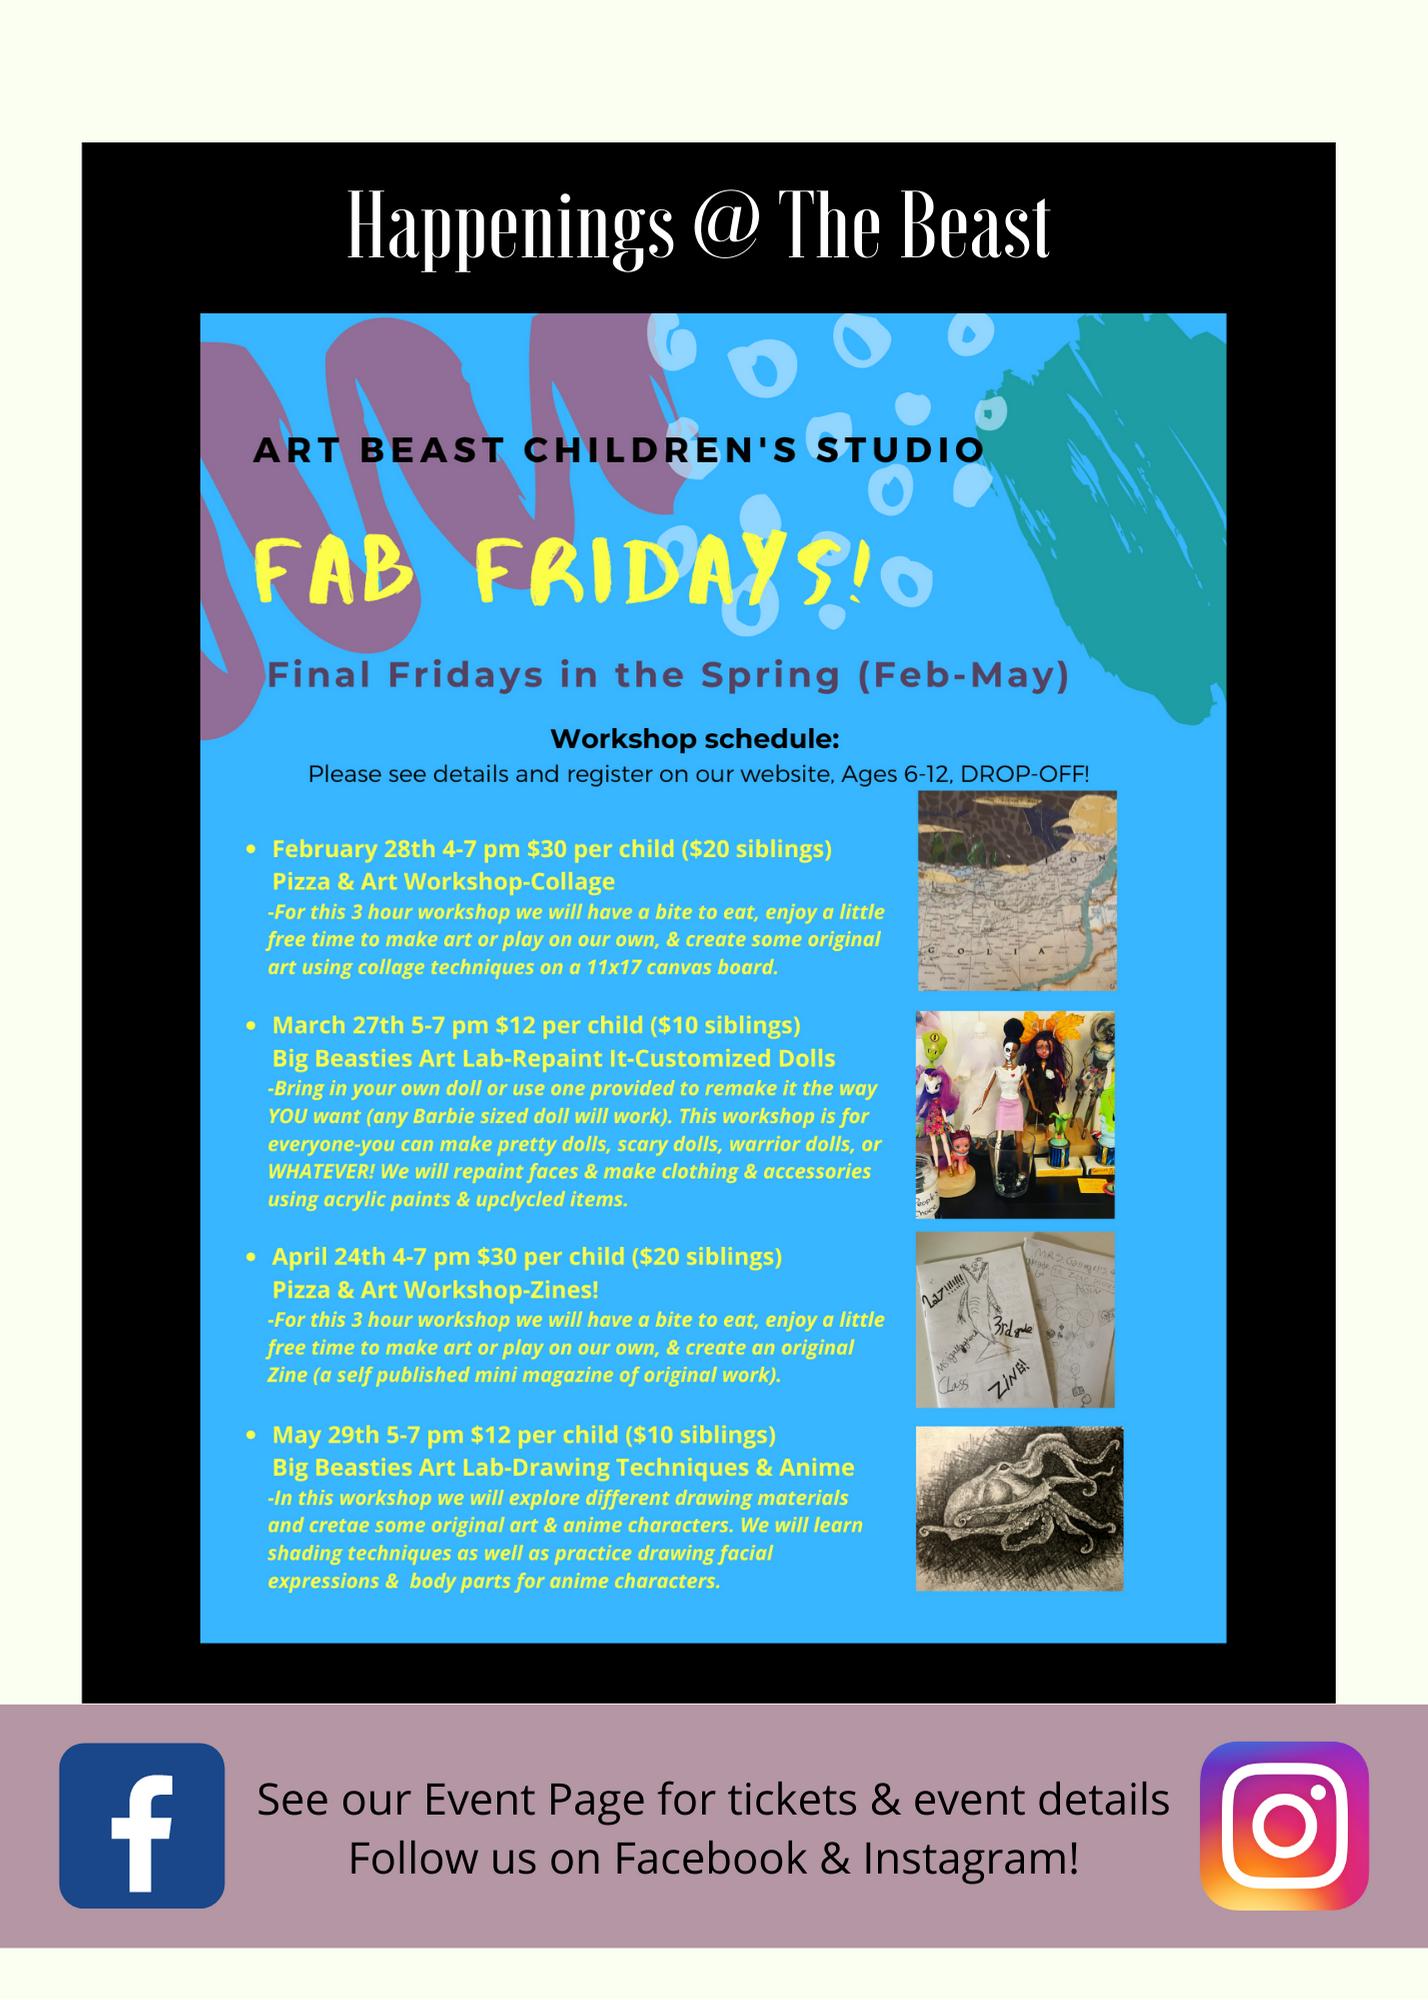 Beastie Blog Art Beast Children S Art Studio